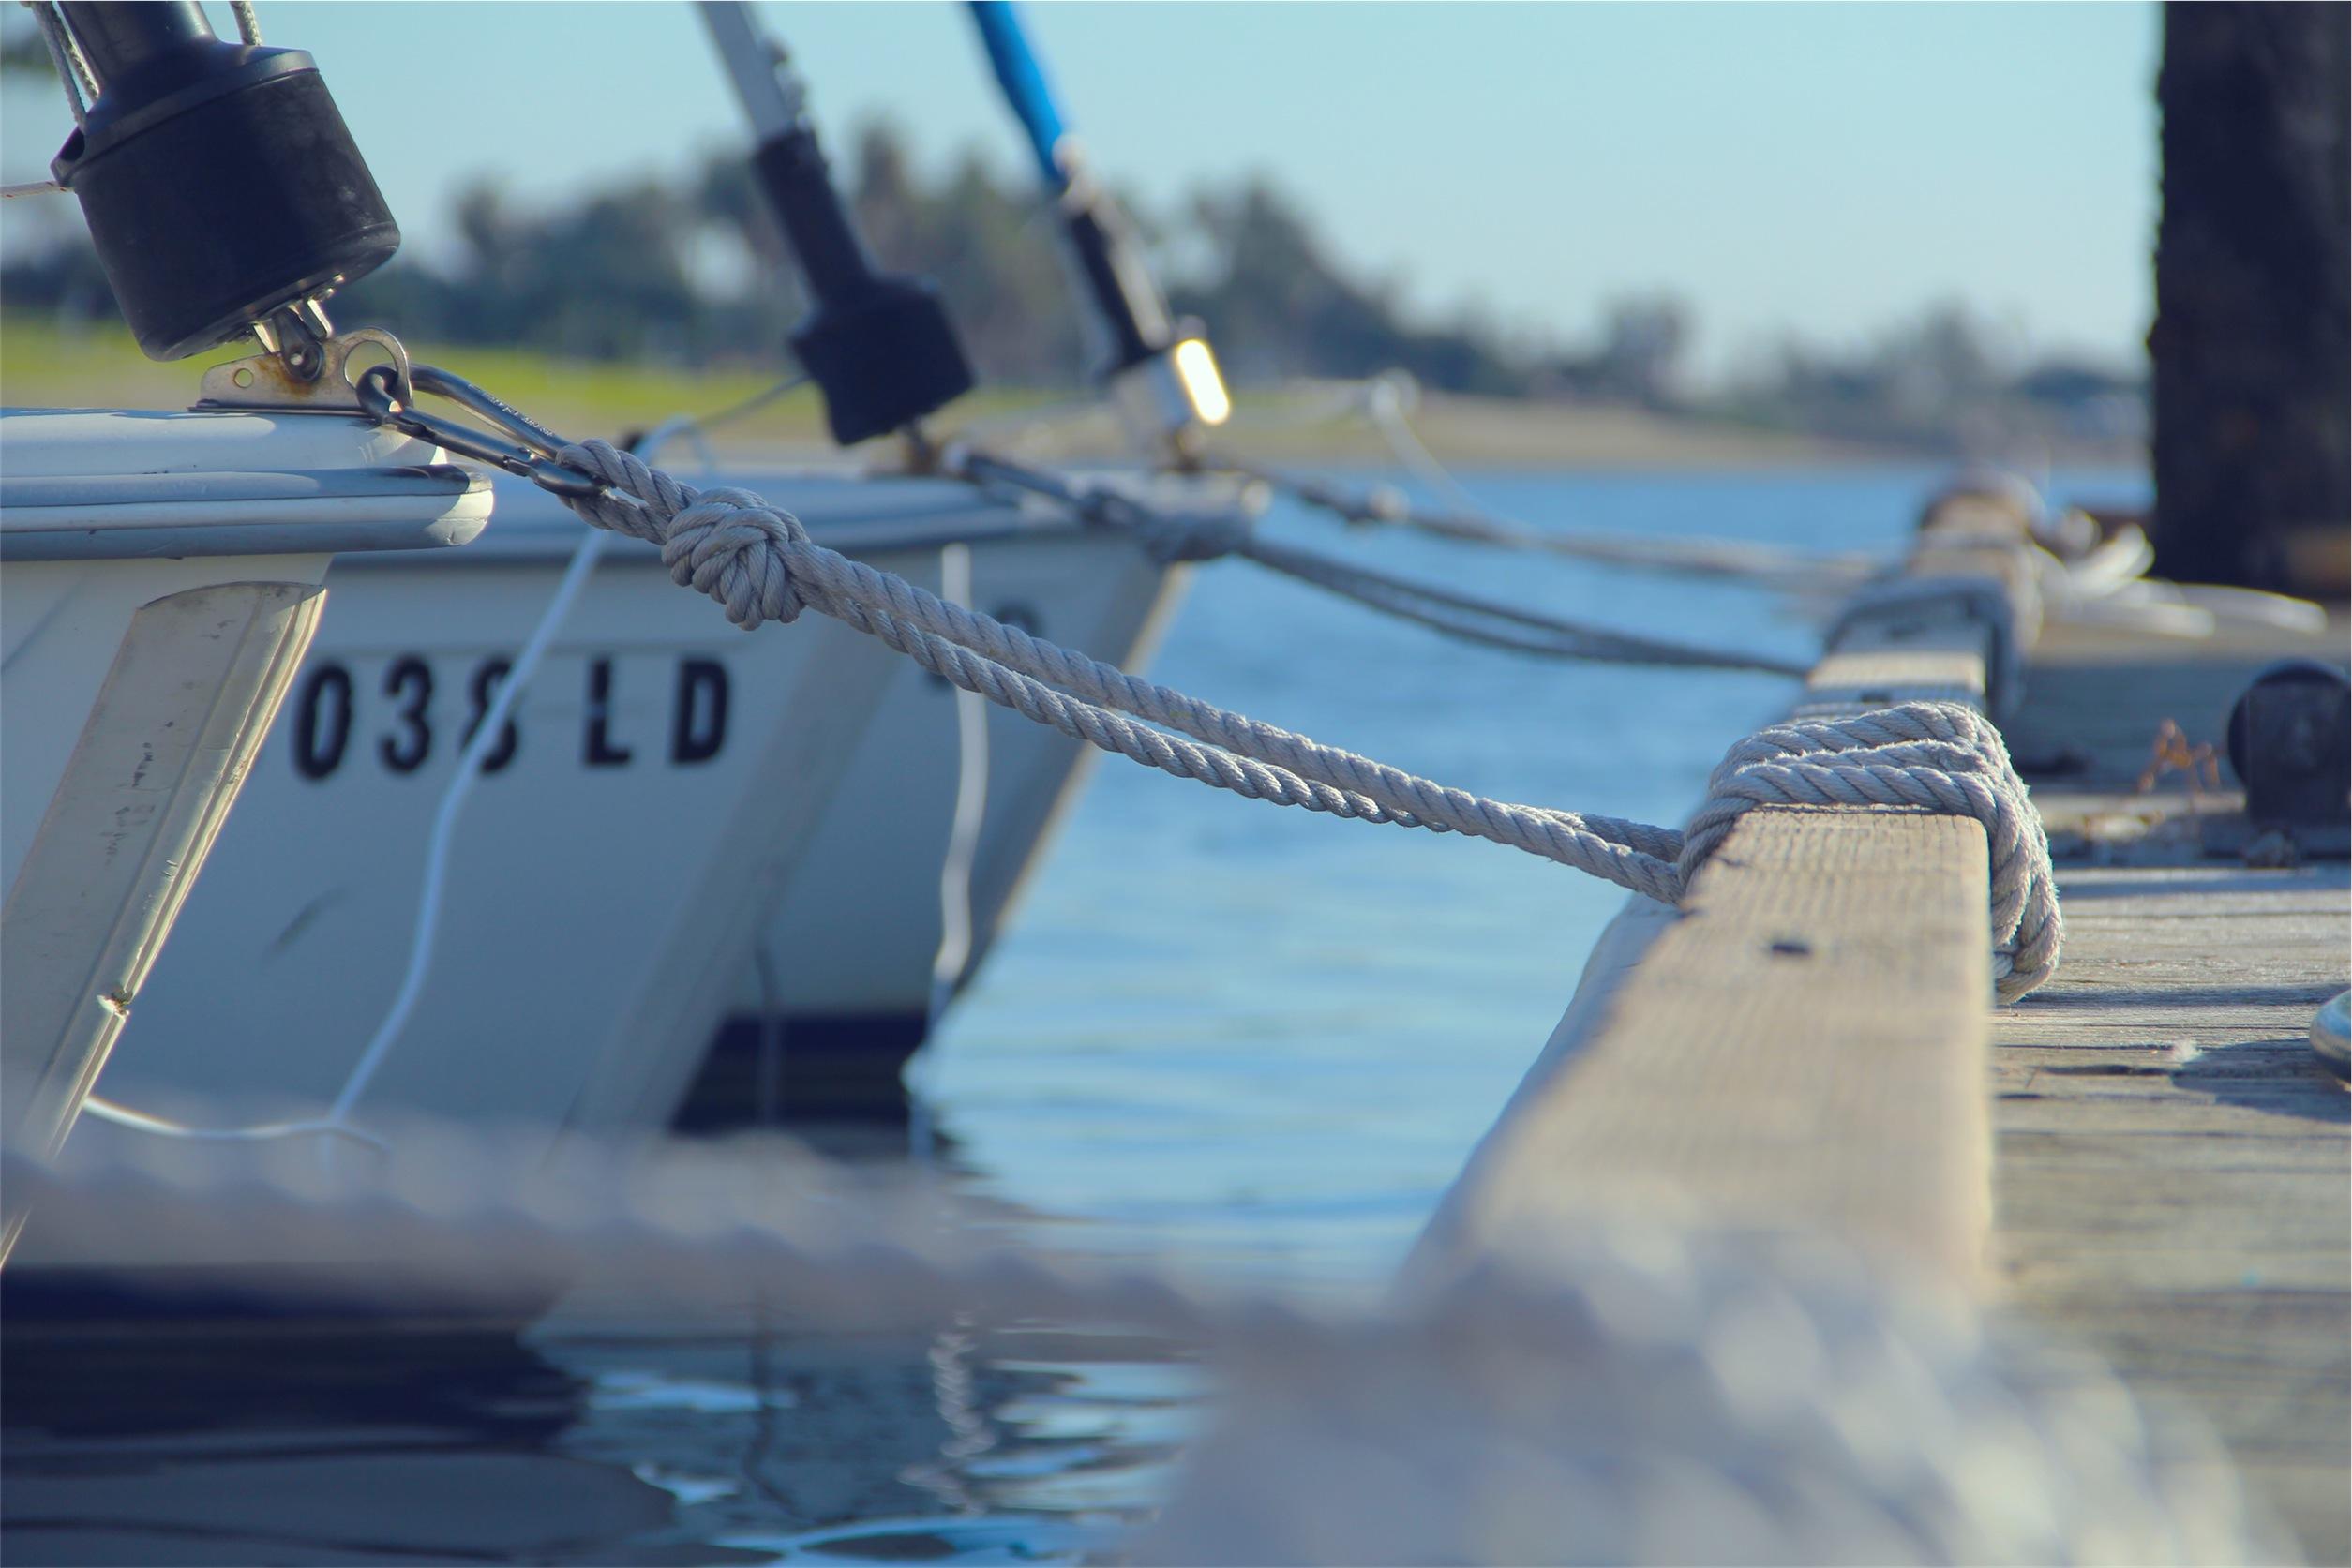 boat insurance grand haven michigan, boat insurance quote, affordable boat insurance, boat insurance michigan